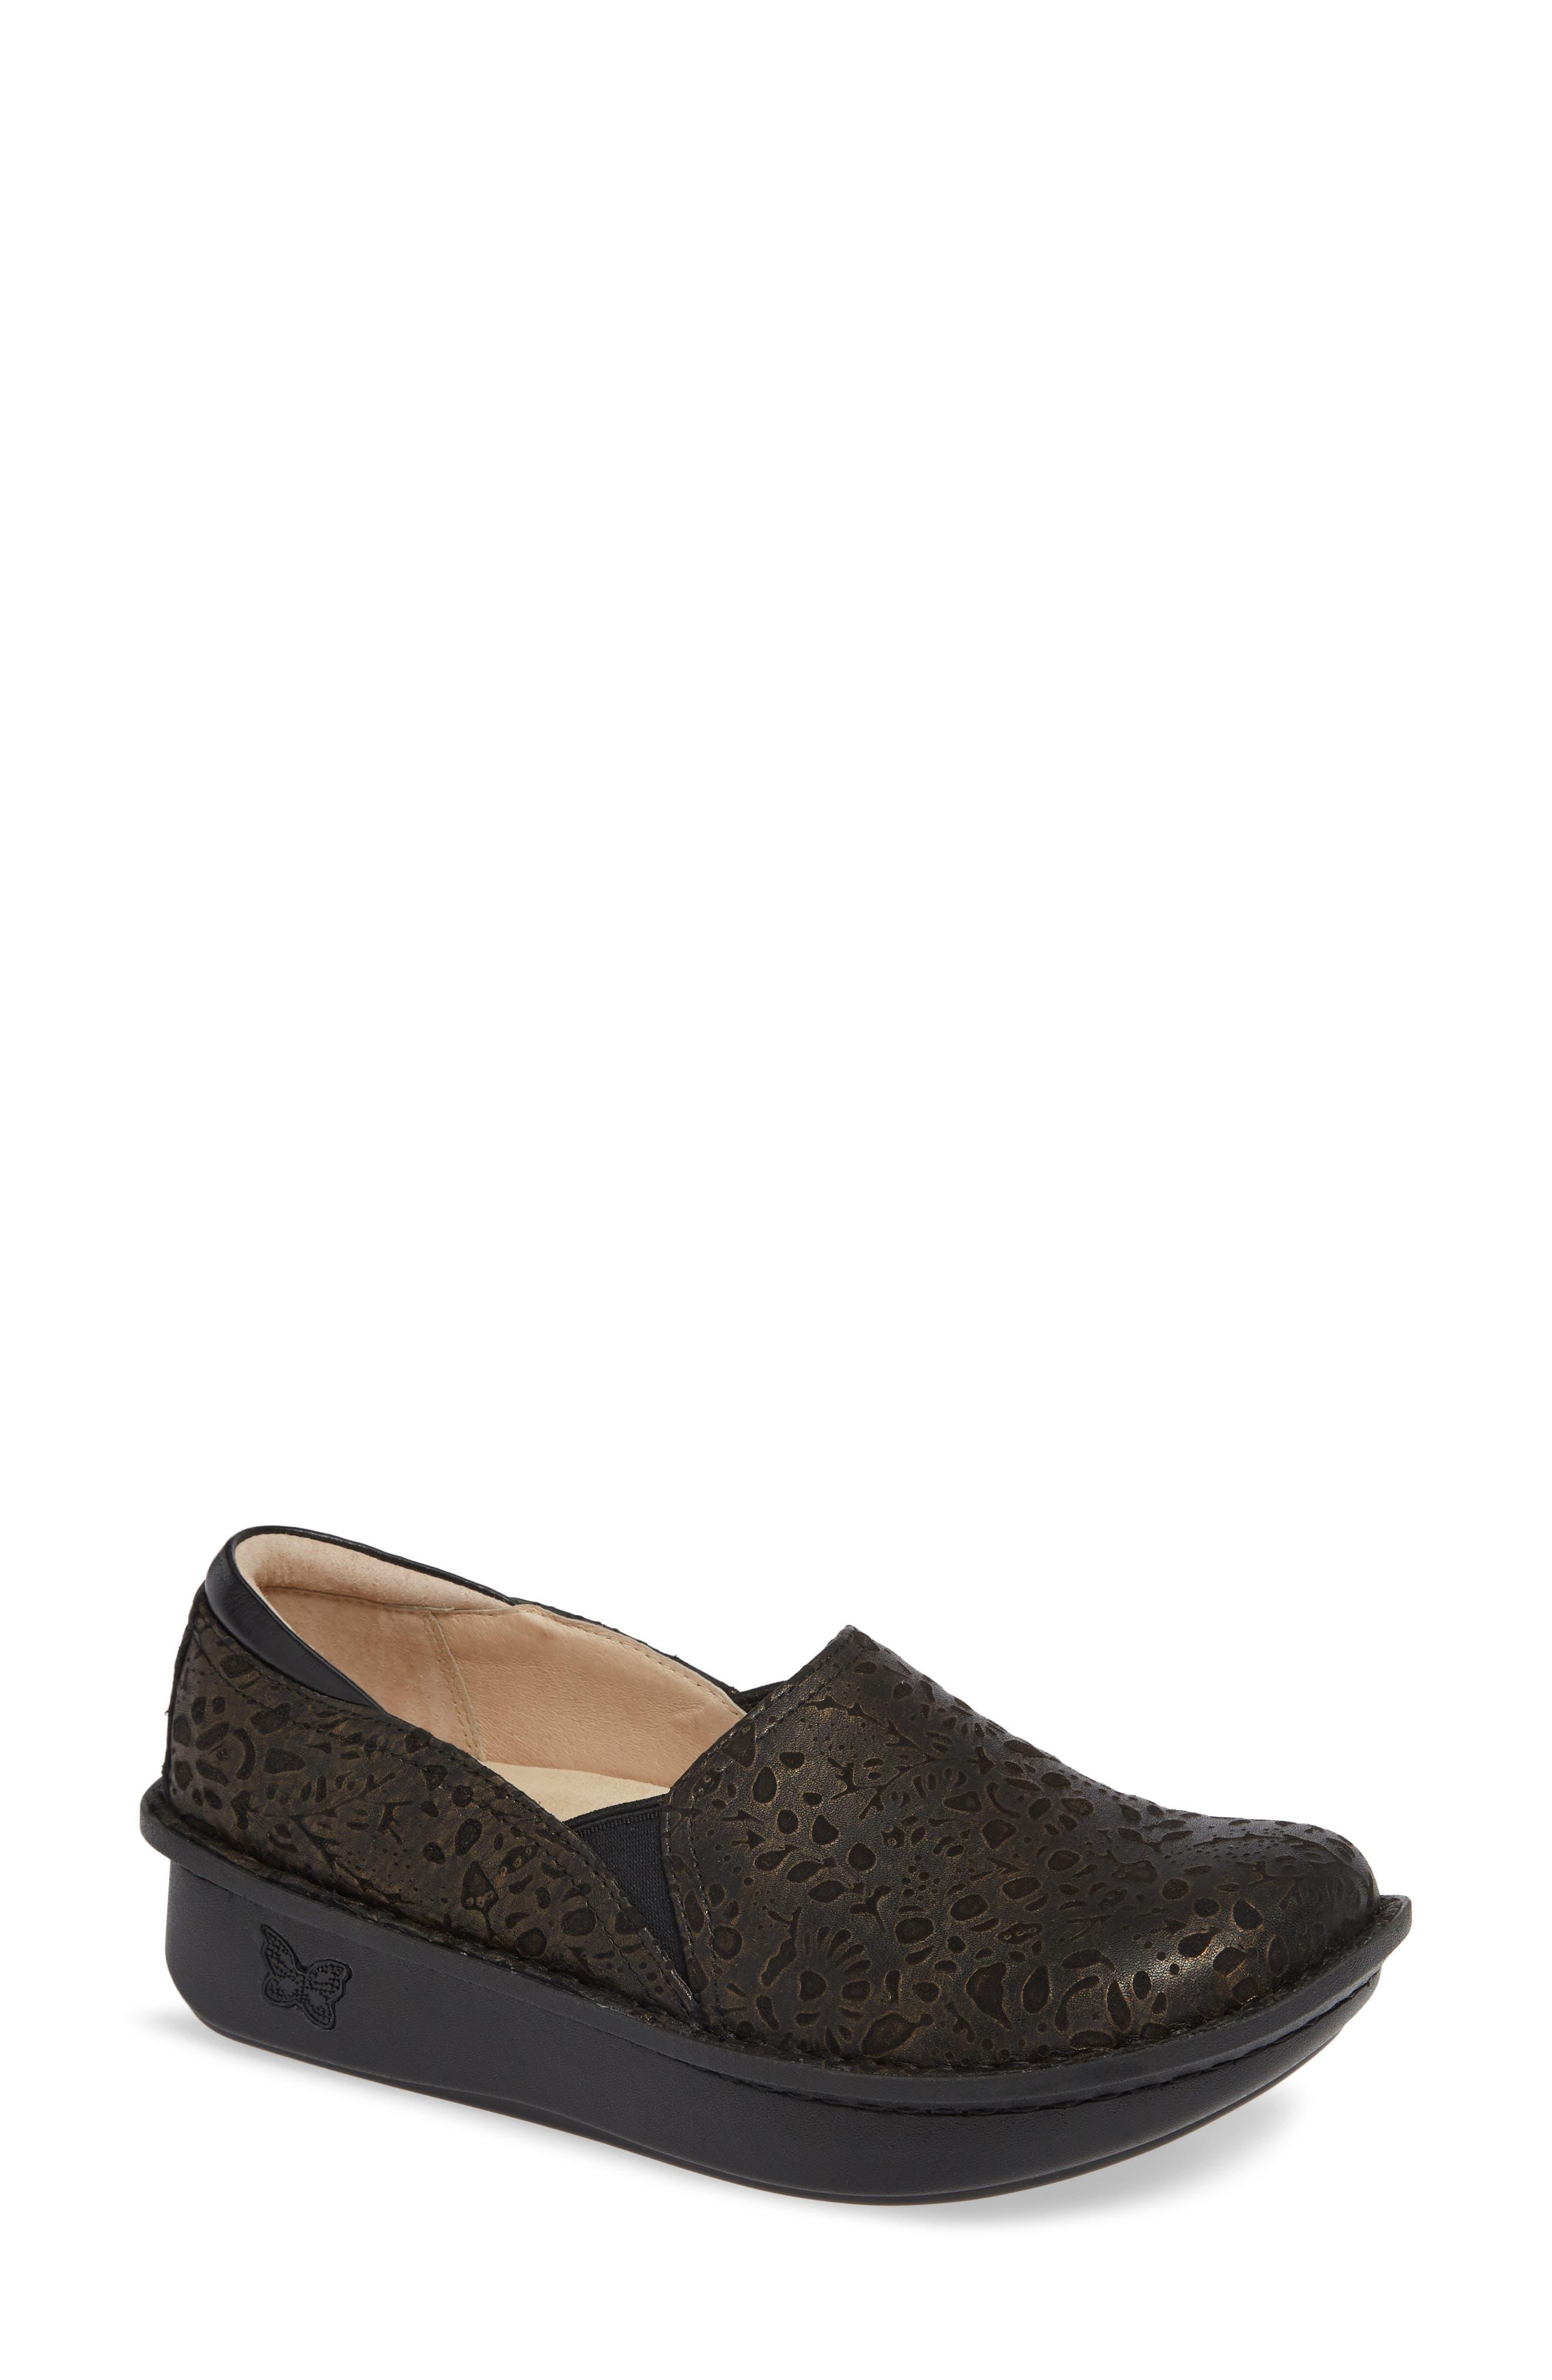 38cd9a0049a Alegria Shoes   Sandals